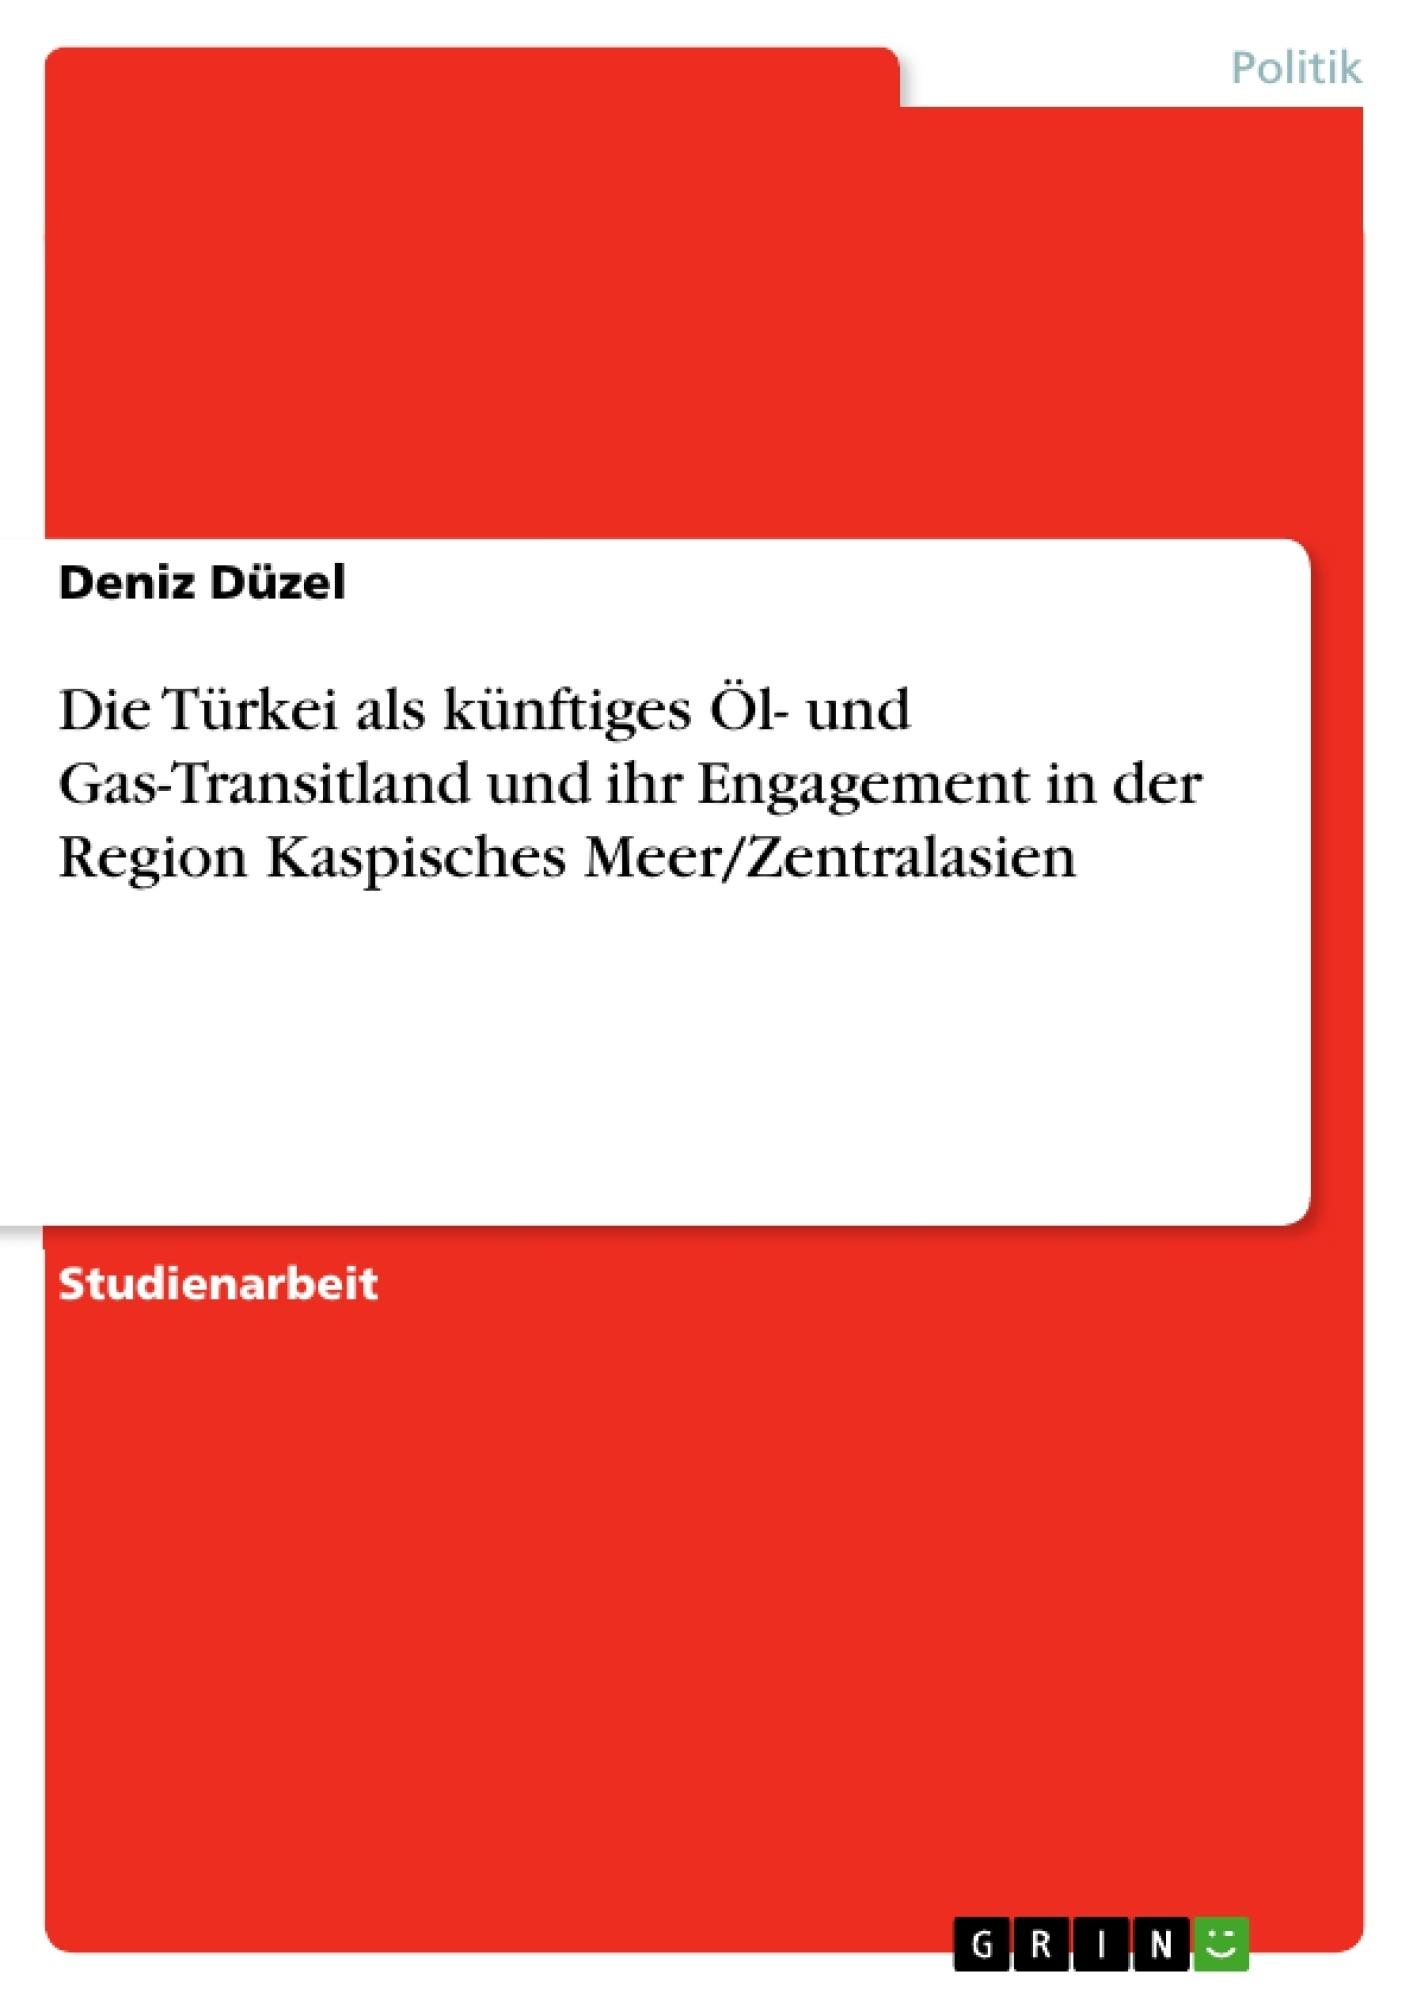 Titel: Die Türkei als künftiges Öl- und Gas-Transitland und ihr Engagement in der Region Kaspisches Meer/Zentralasien